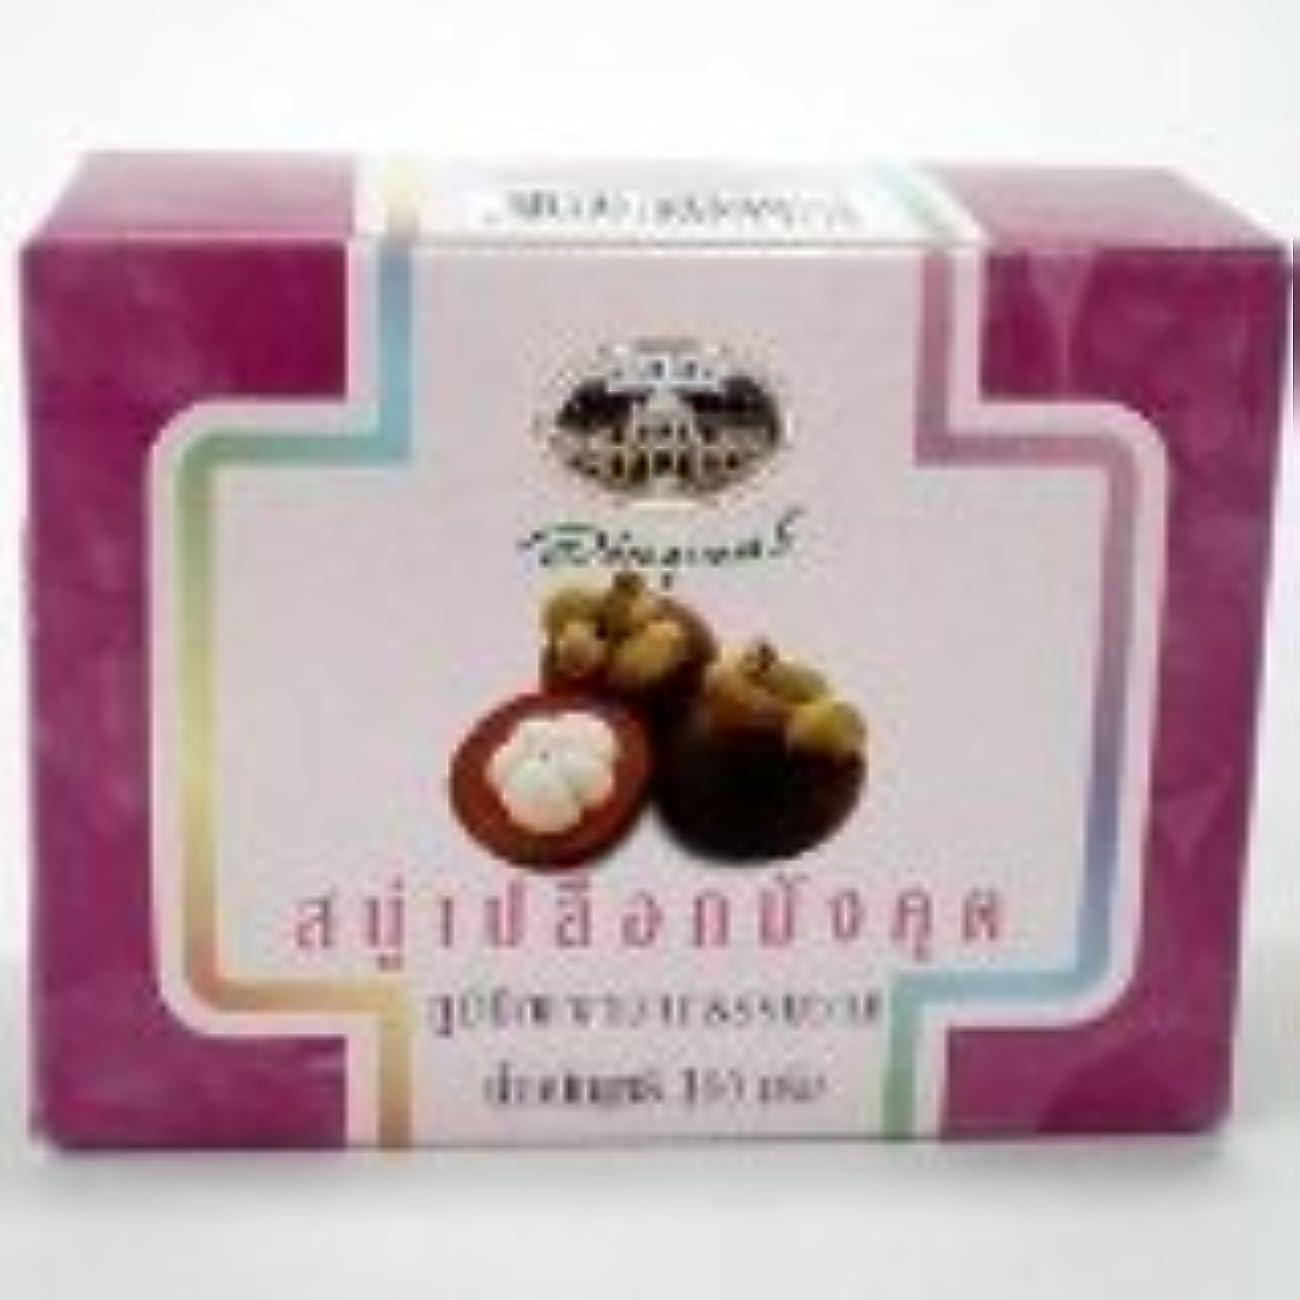 売るうま論争的新しいabhabibhubejhr Mangosteen Peel Soap 100 g